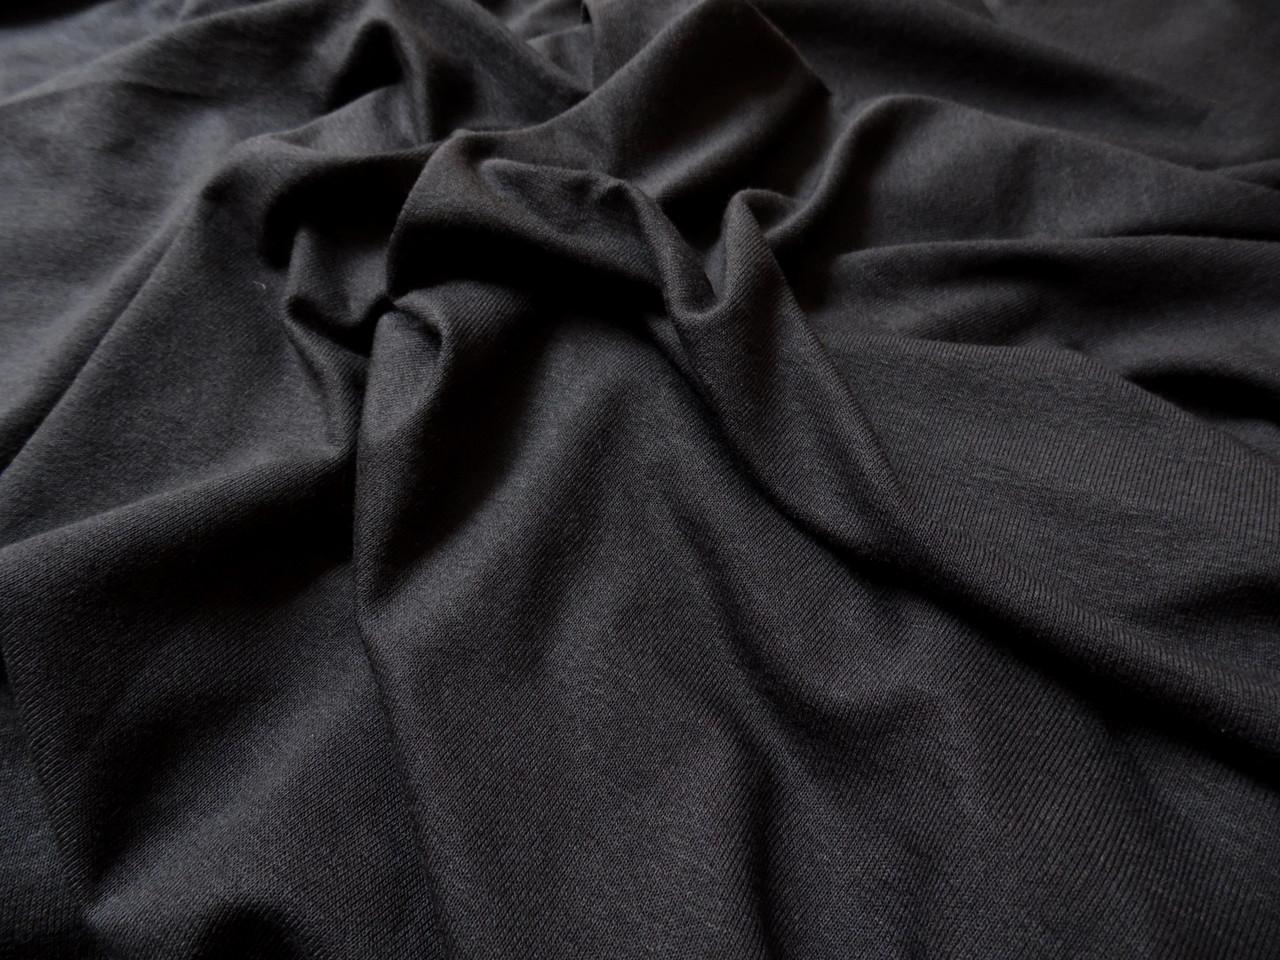 купить одежду из трикотажа в Иваново